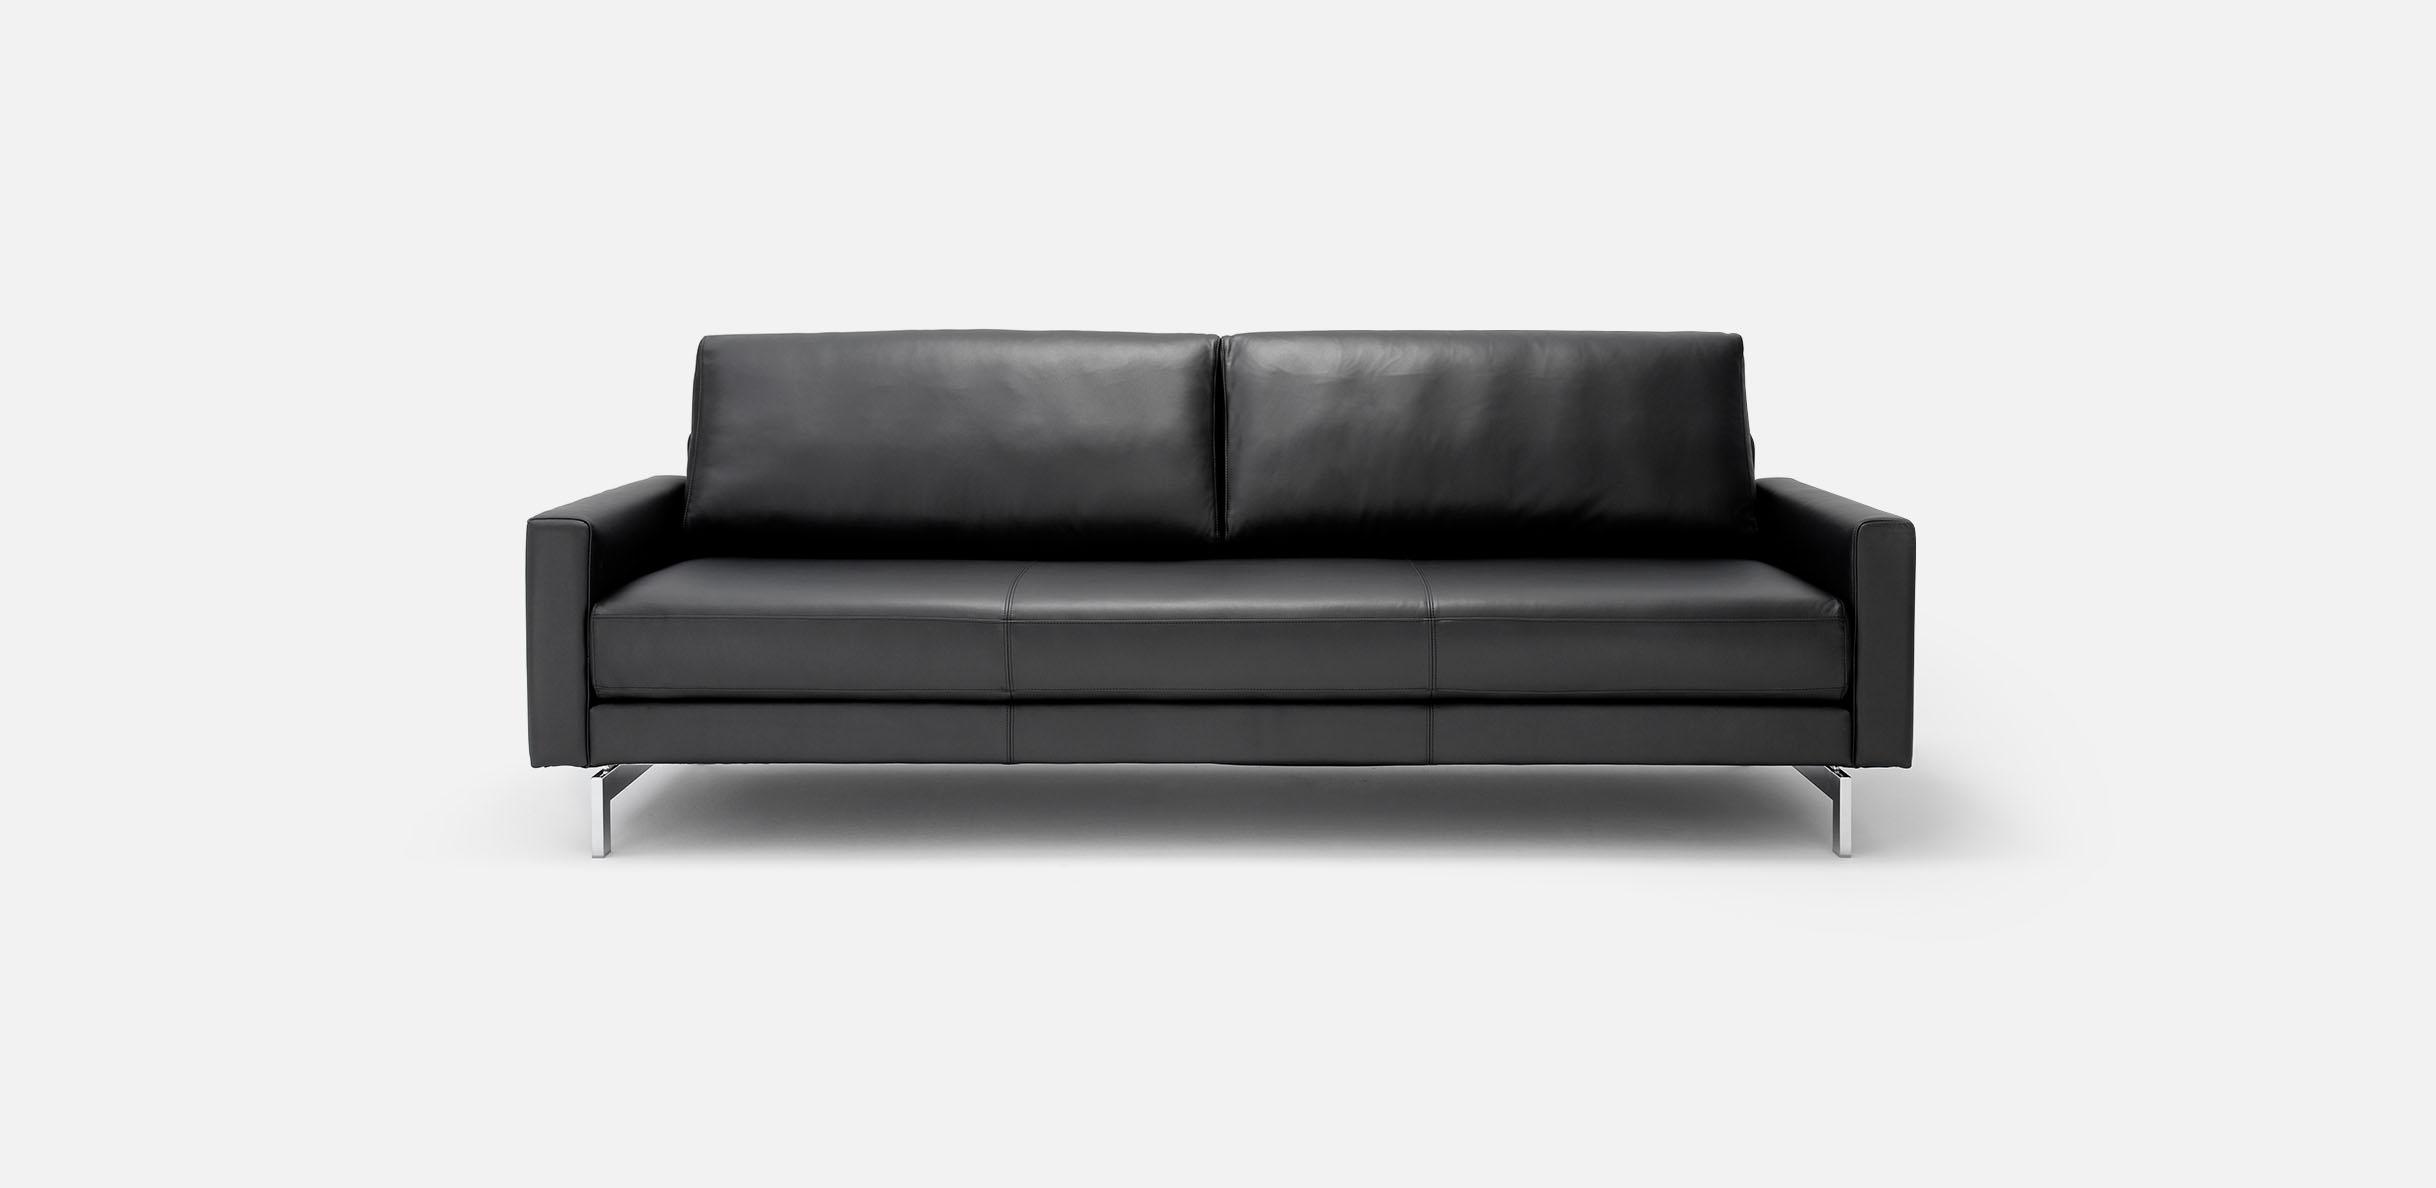 Vida Rolf benz sofa 6500